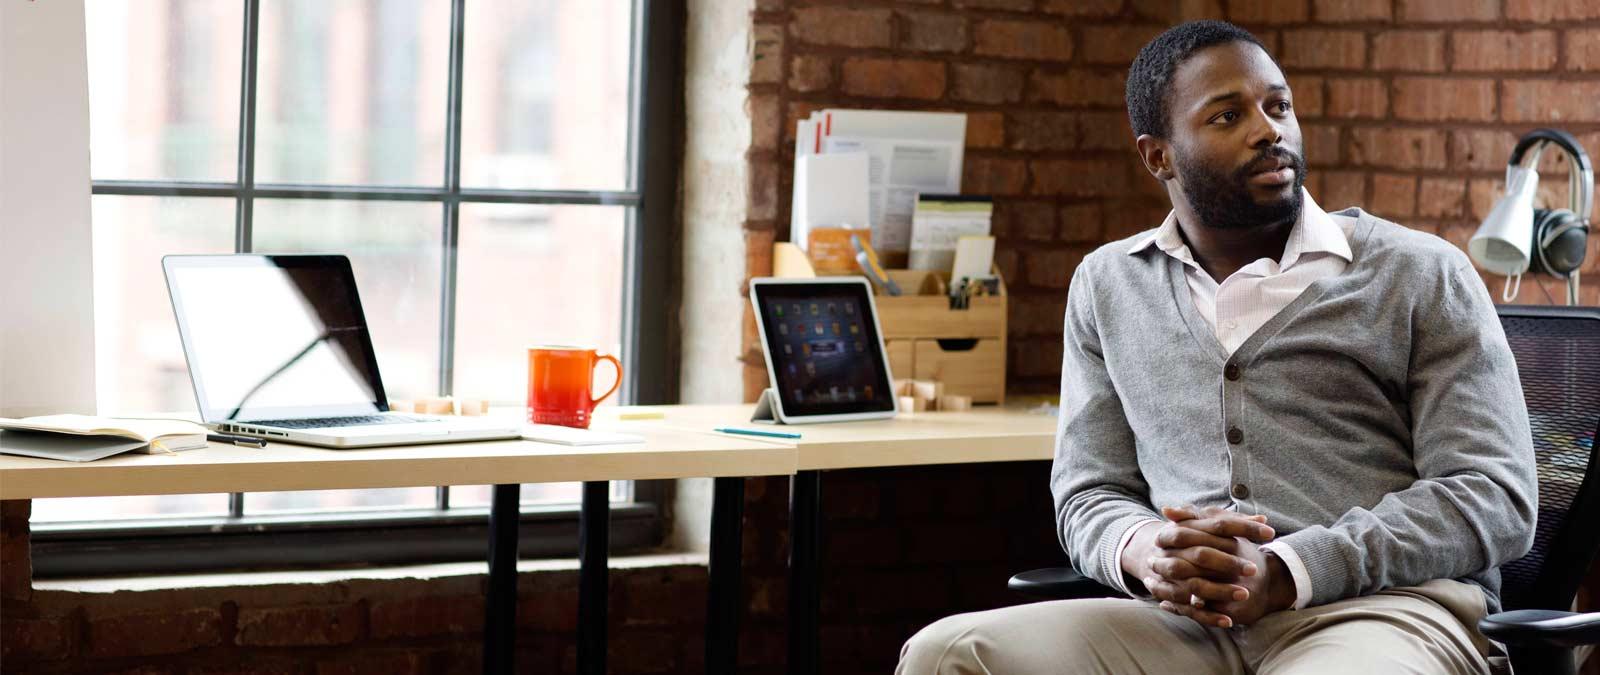 Muž, který sedí u stolu s tabletem a přenosným počítačem a pracuje s Office 365 Business Premium